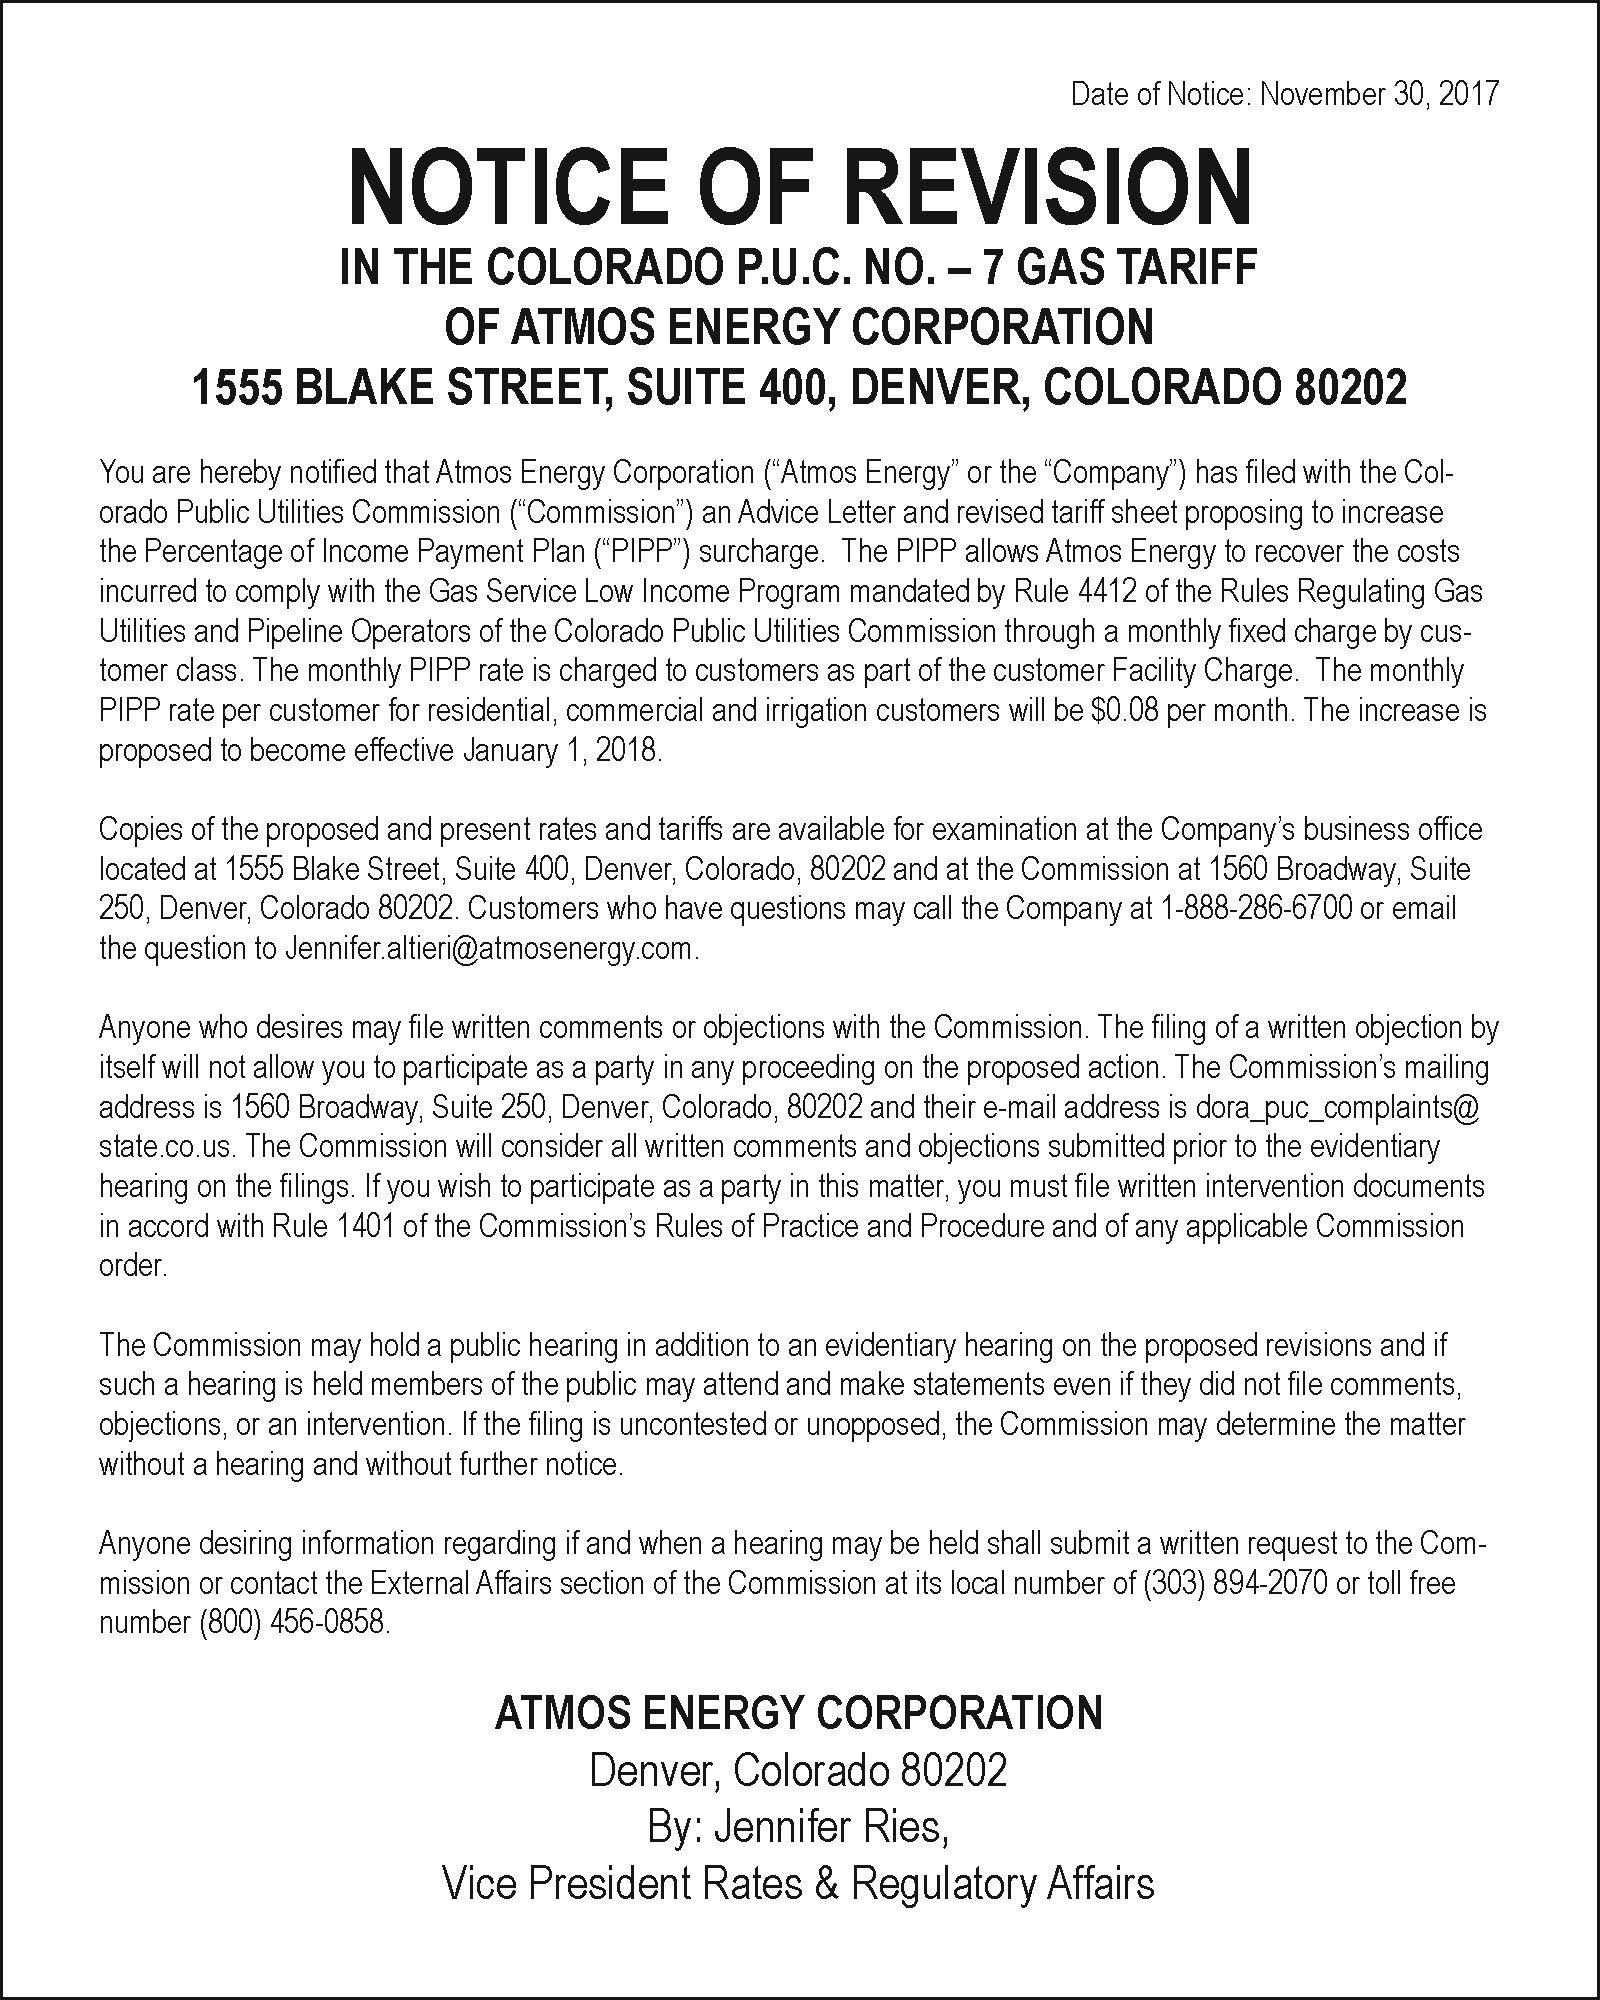 LEGAL - Atmos Energy December 8, 2017